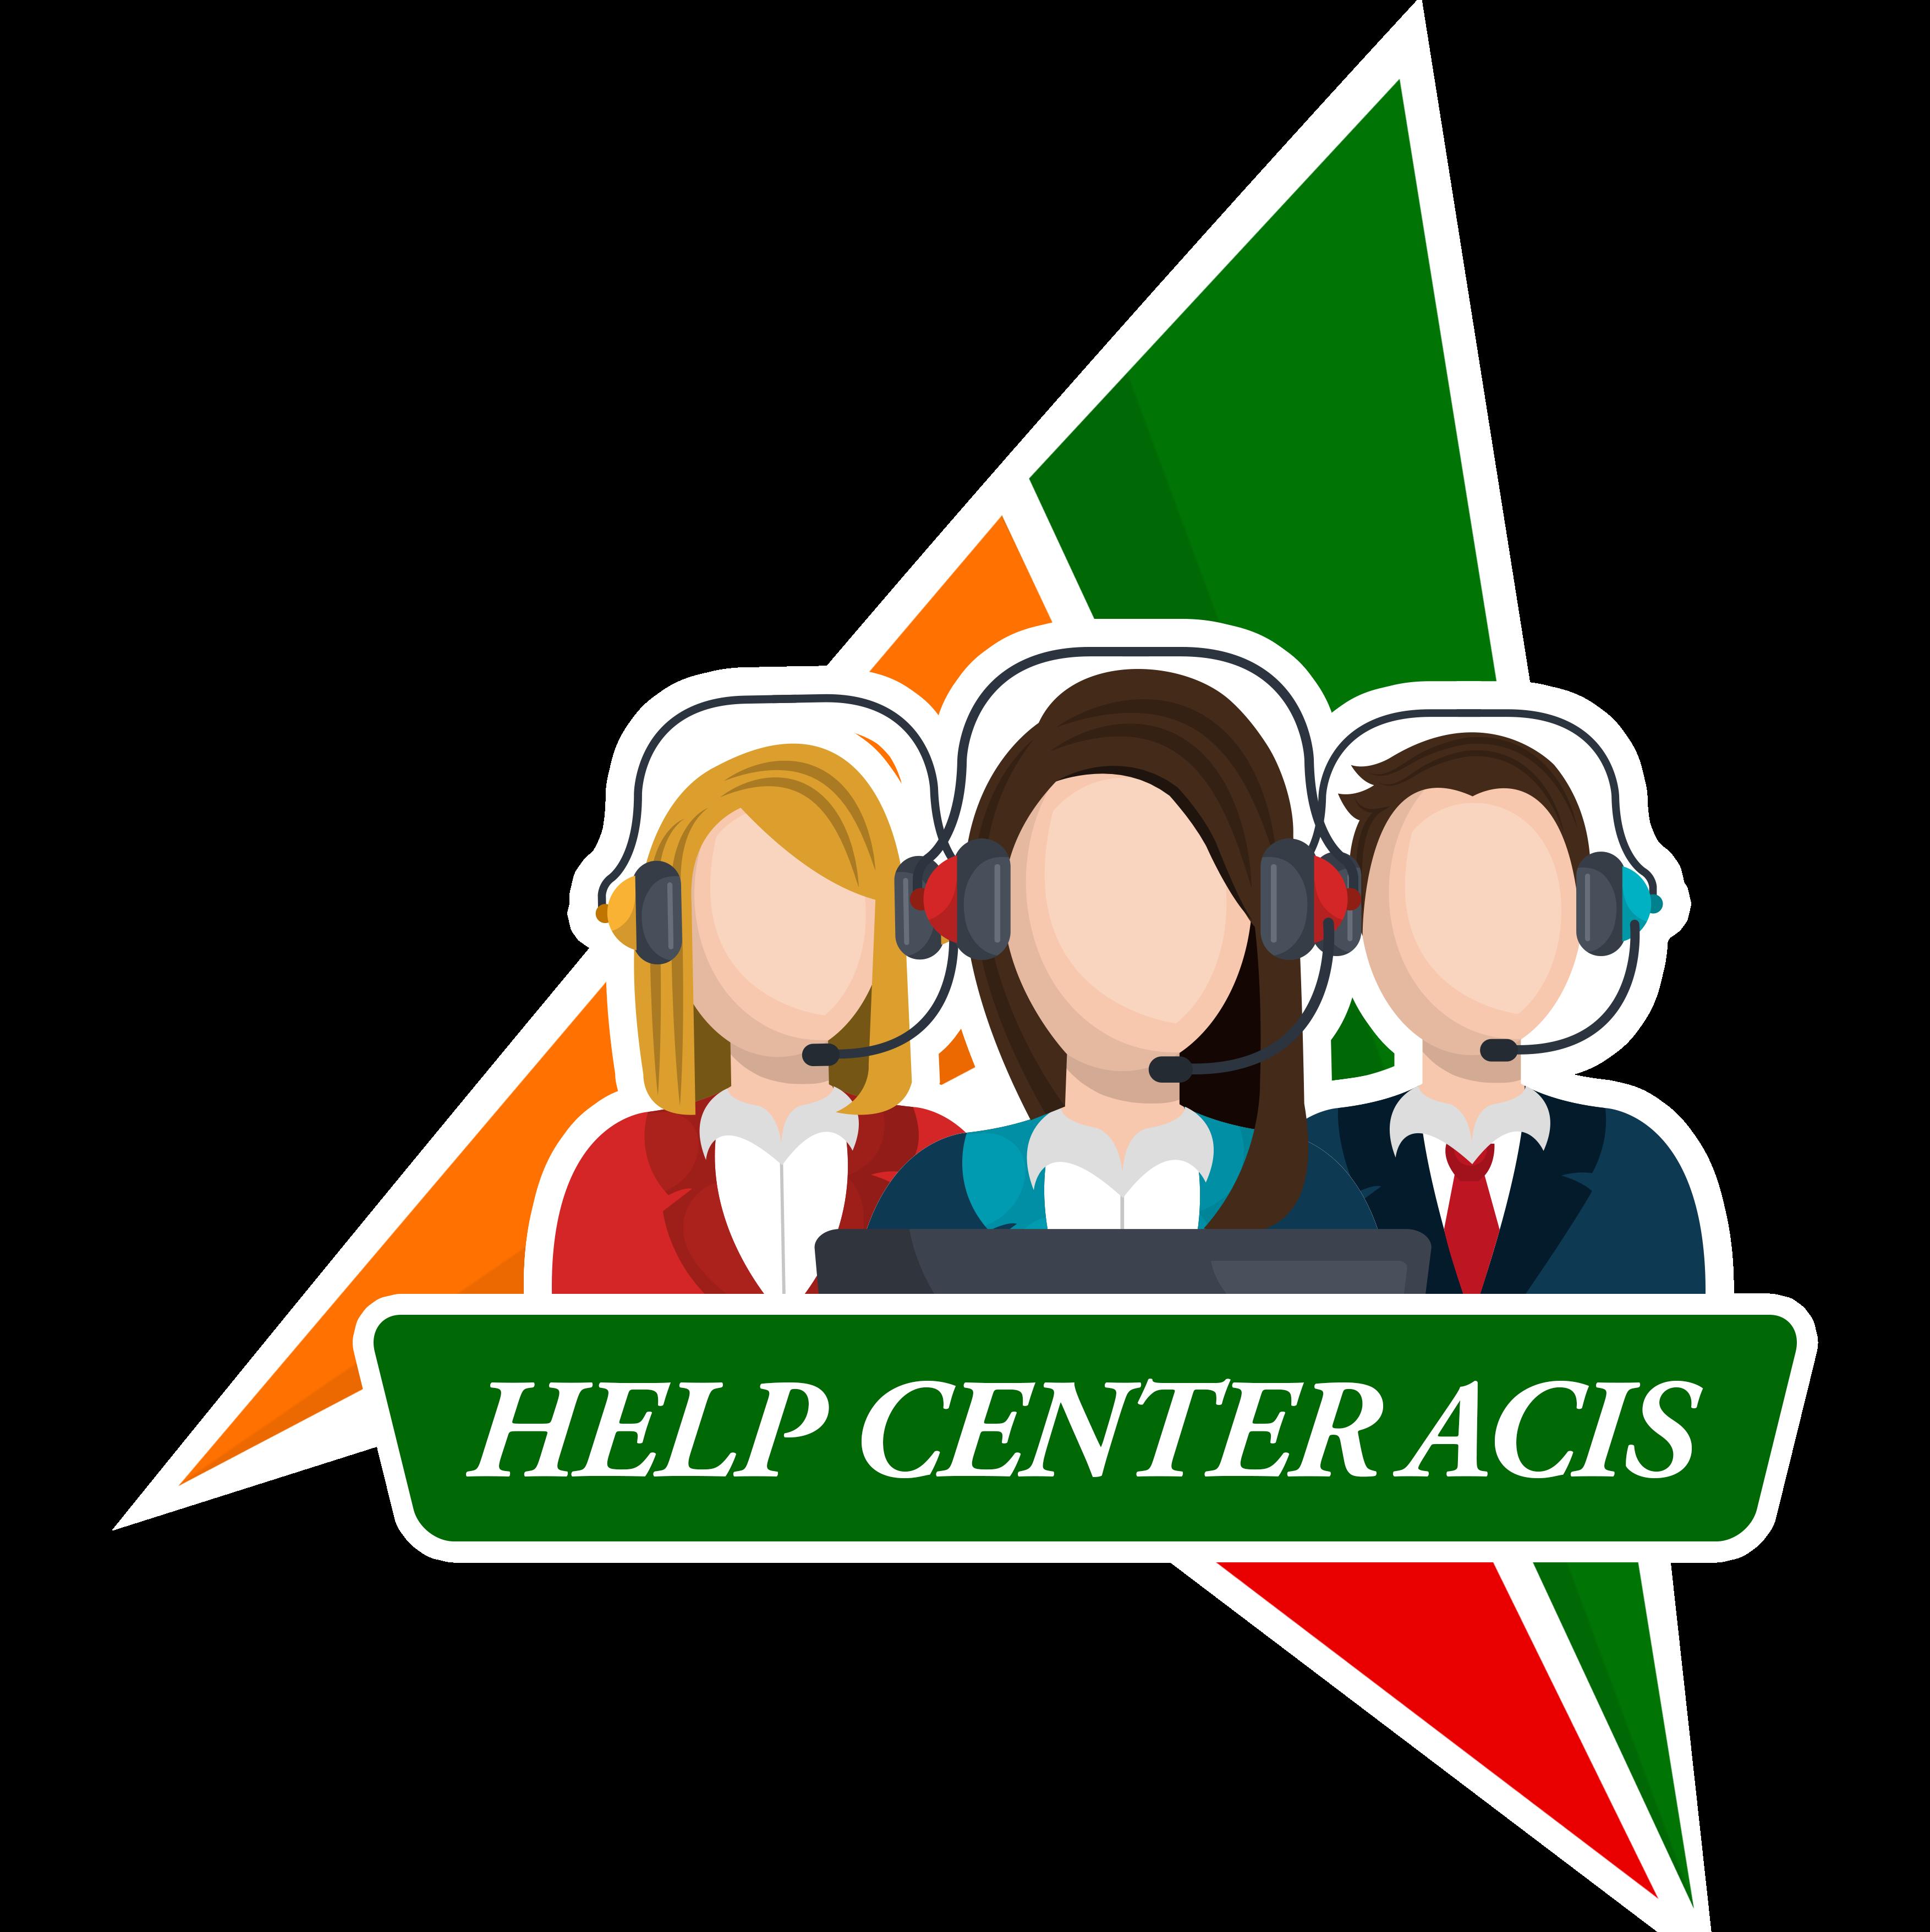 HELP CENTER ACIS